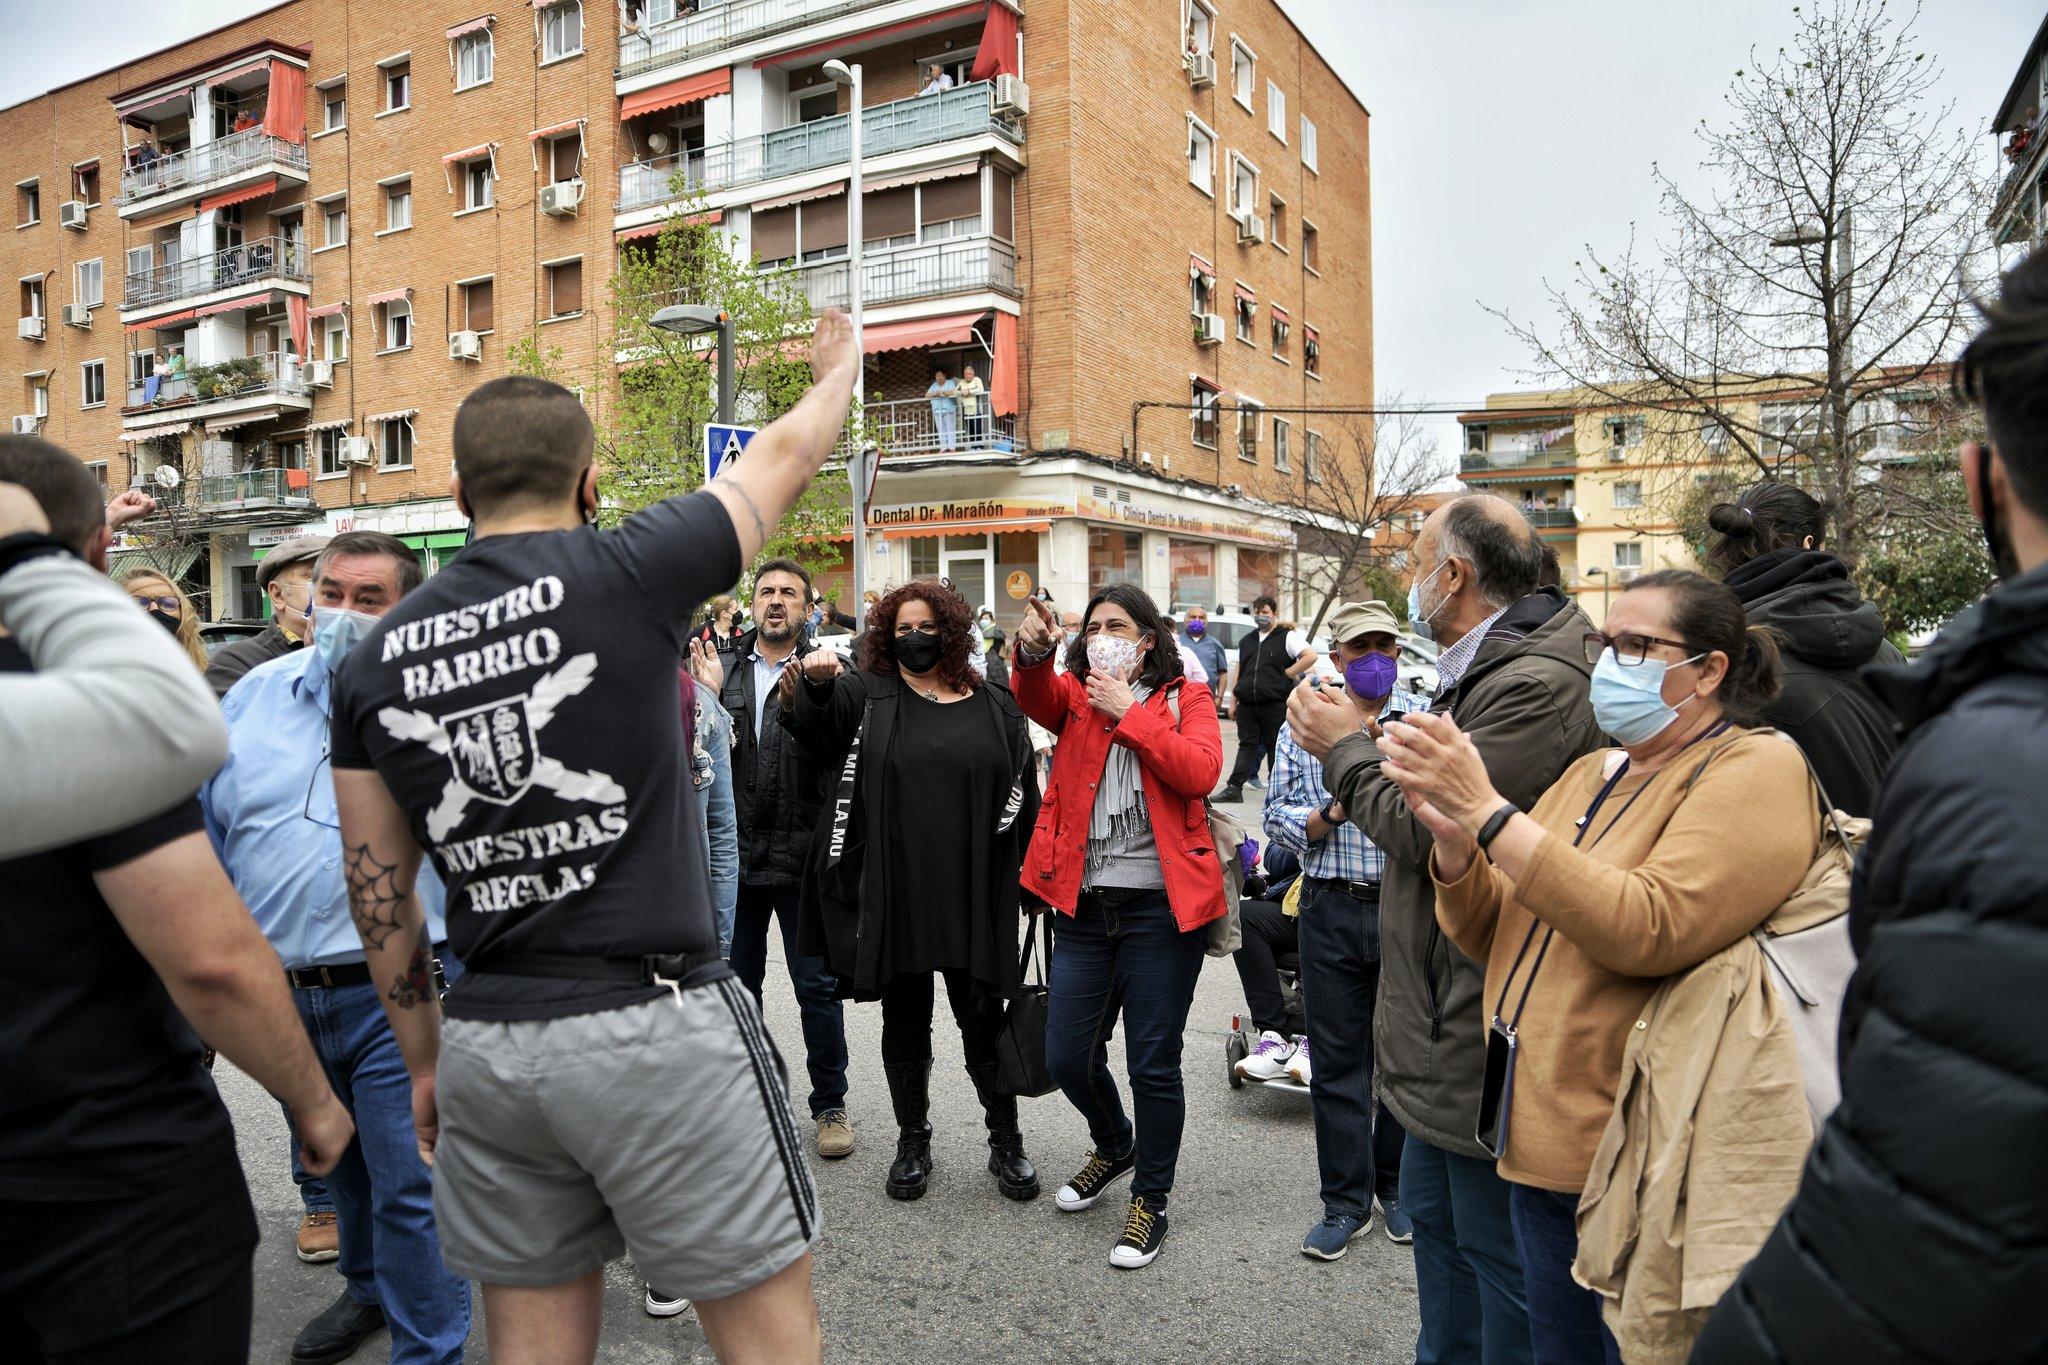 Un manifestante de Bastión Frontal discute violentamente con los acompañantes de Pablo Iglesias en Madrid. Autor: Dani Gago, 30/03/2021 (imágenes cedidas para su uso por el autor @DaniGagoPhoto).